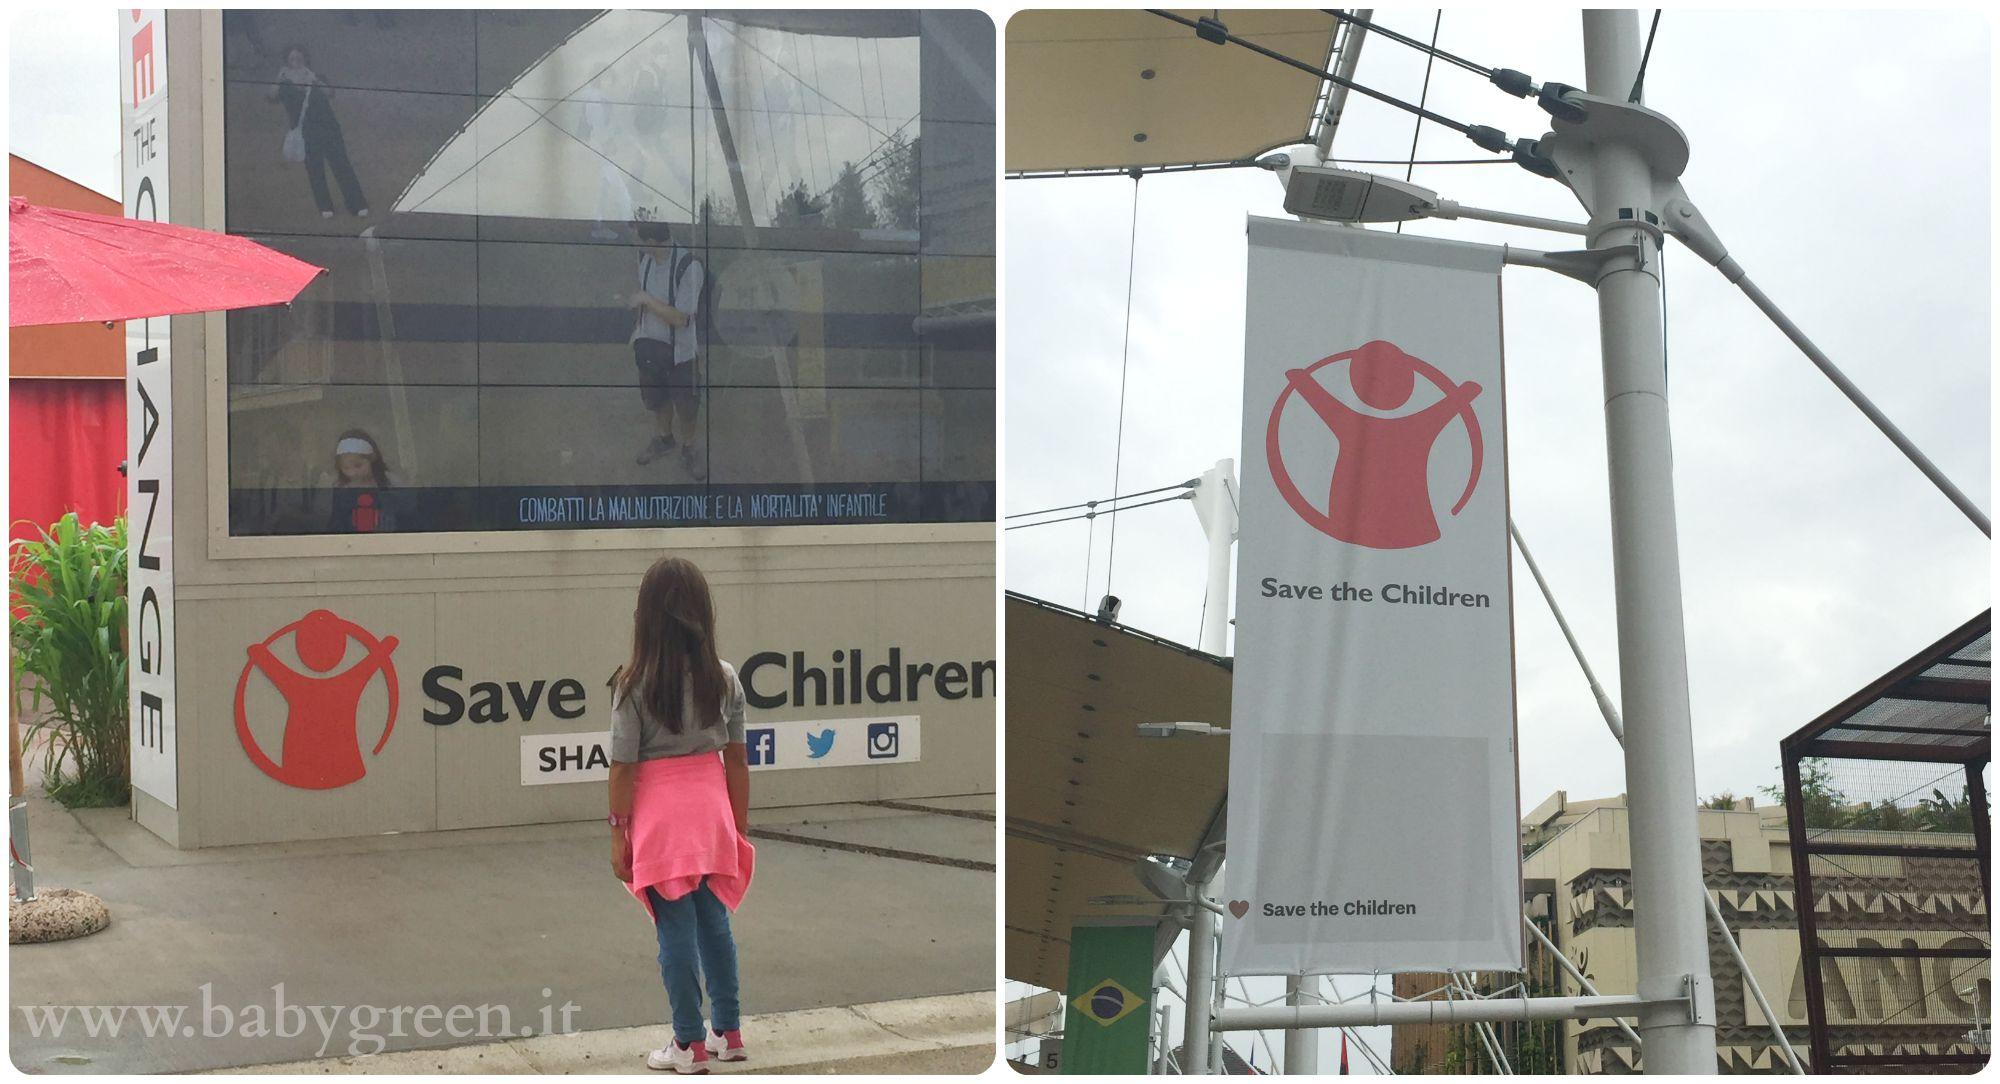 villaggio-save-the-children